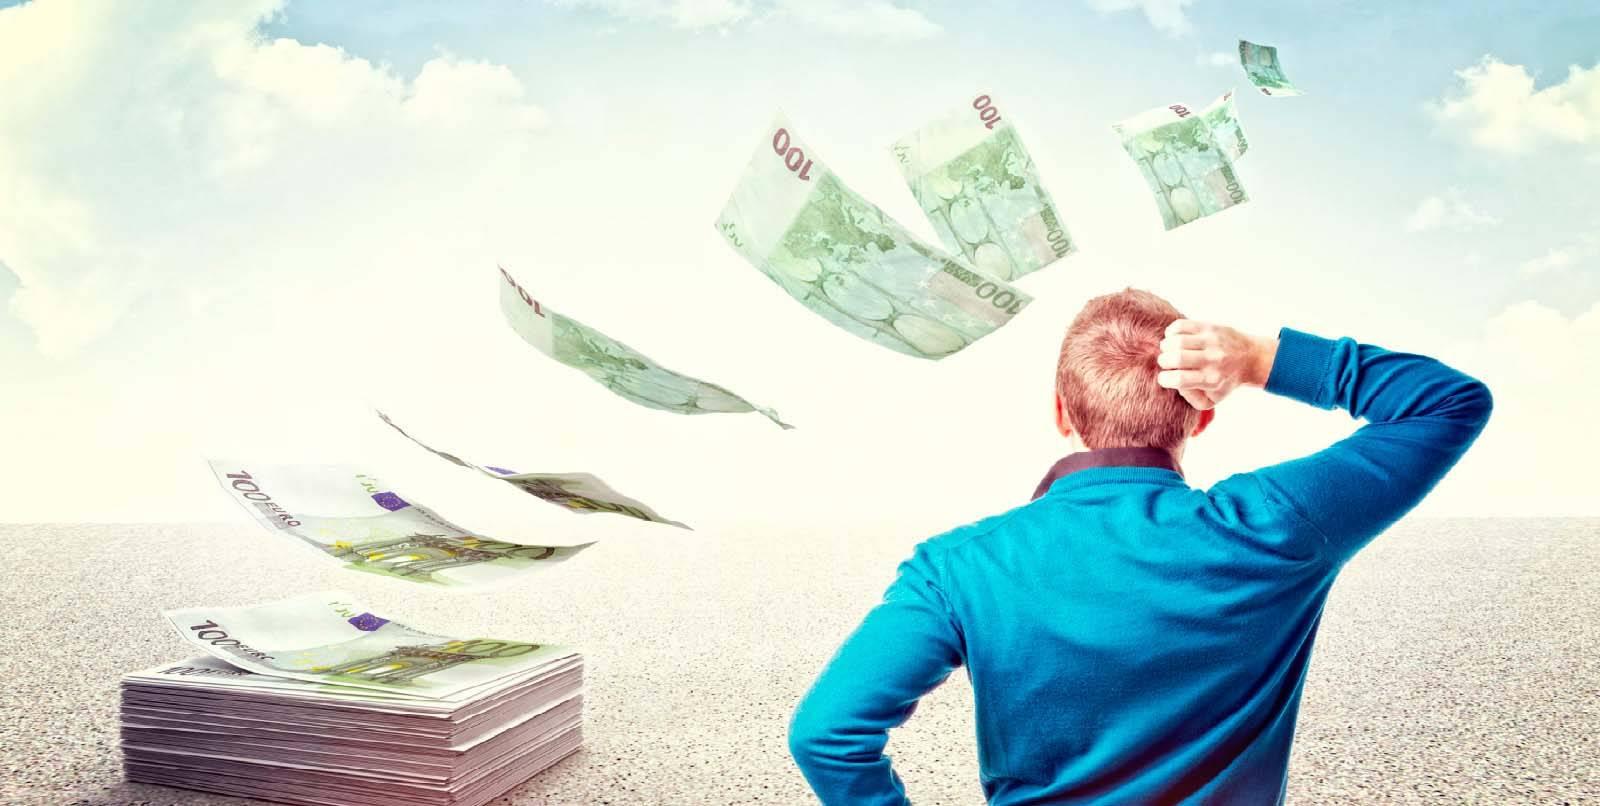 Как хорошо отдохнуть и не потратить кучу денег? 7 простых способов сэкономить